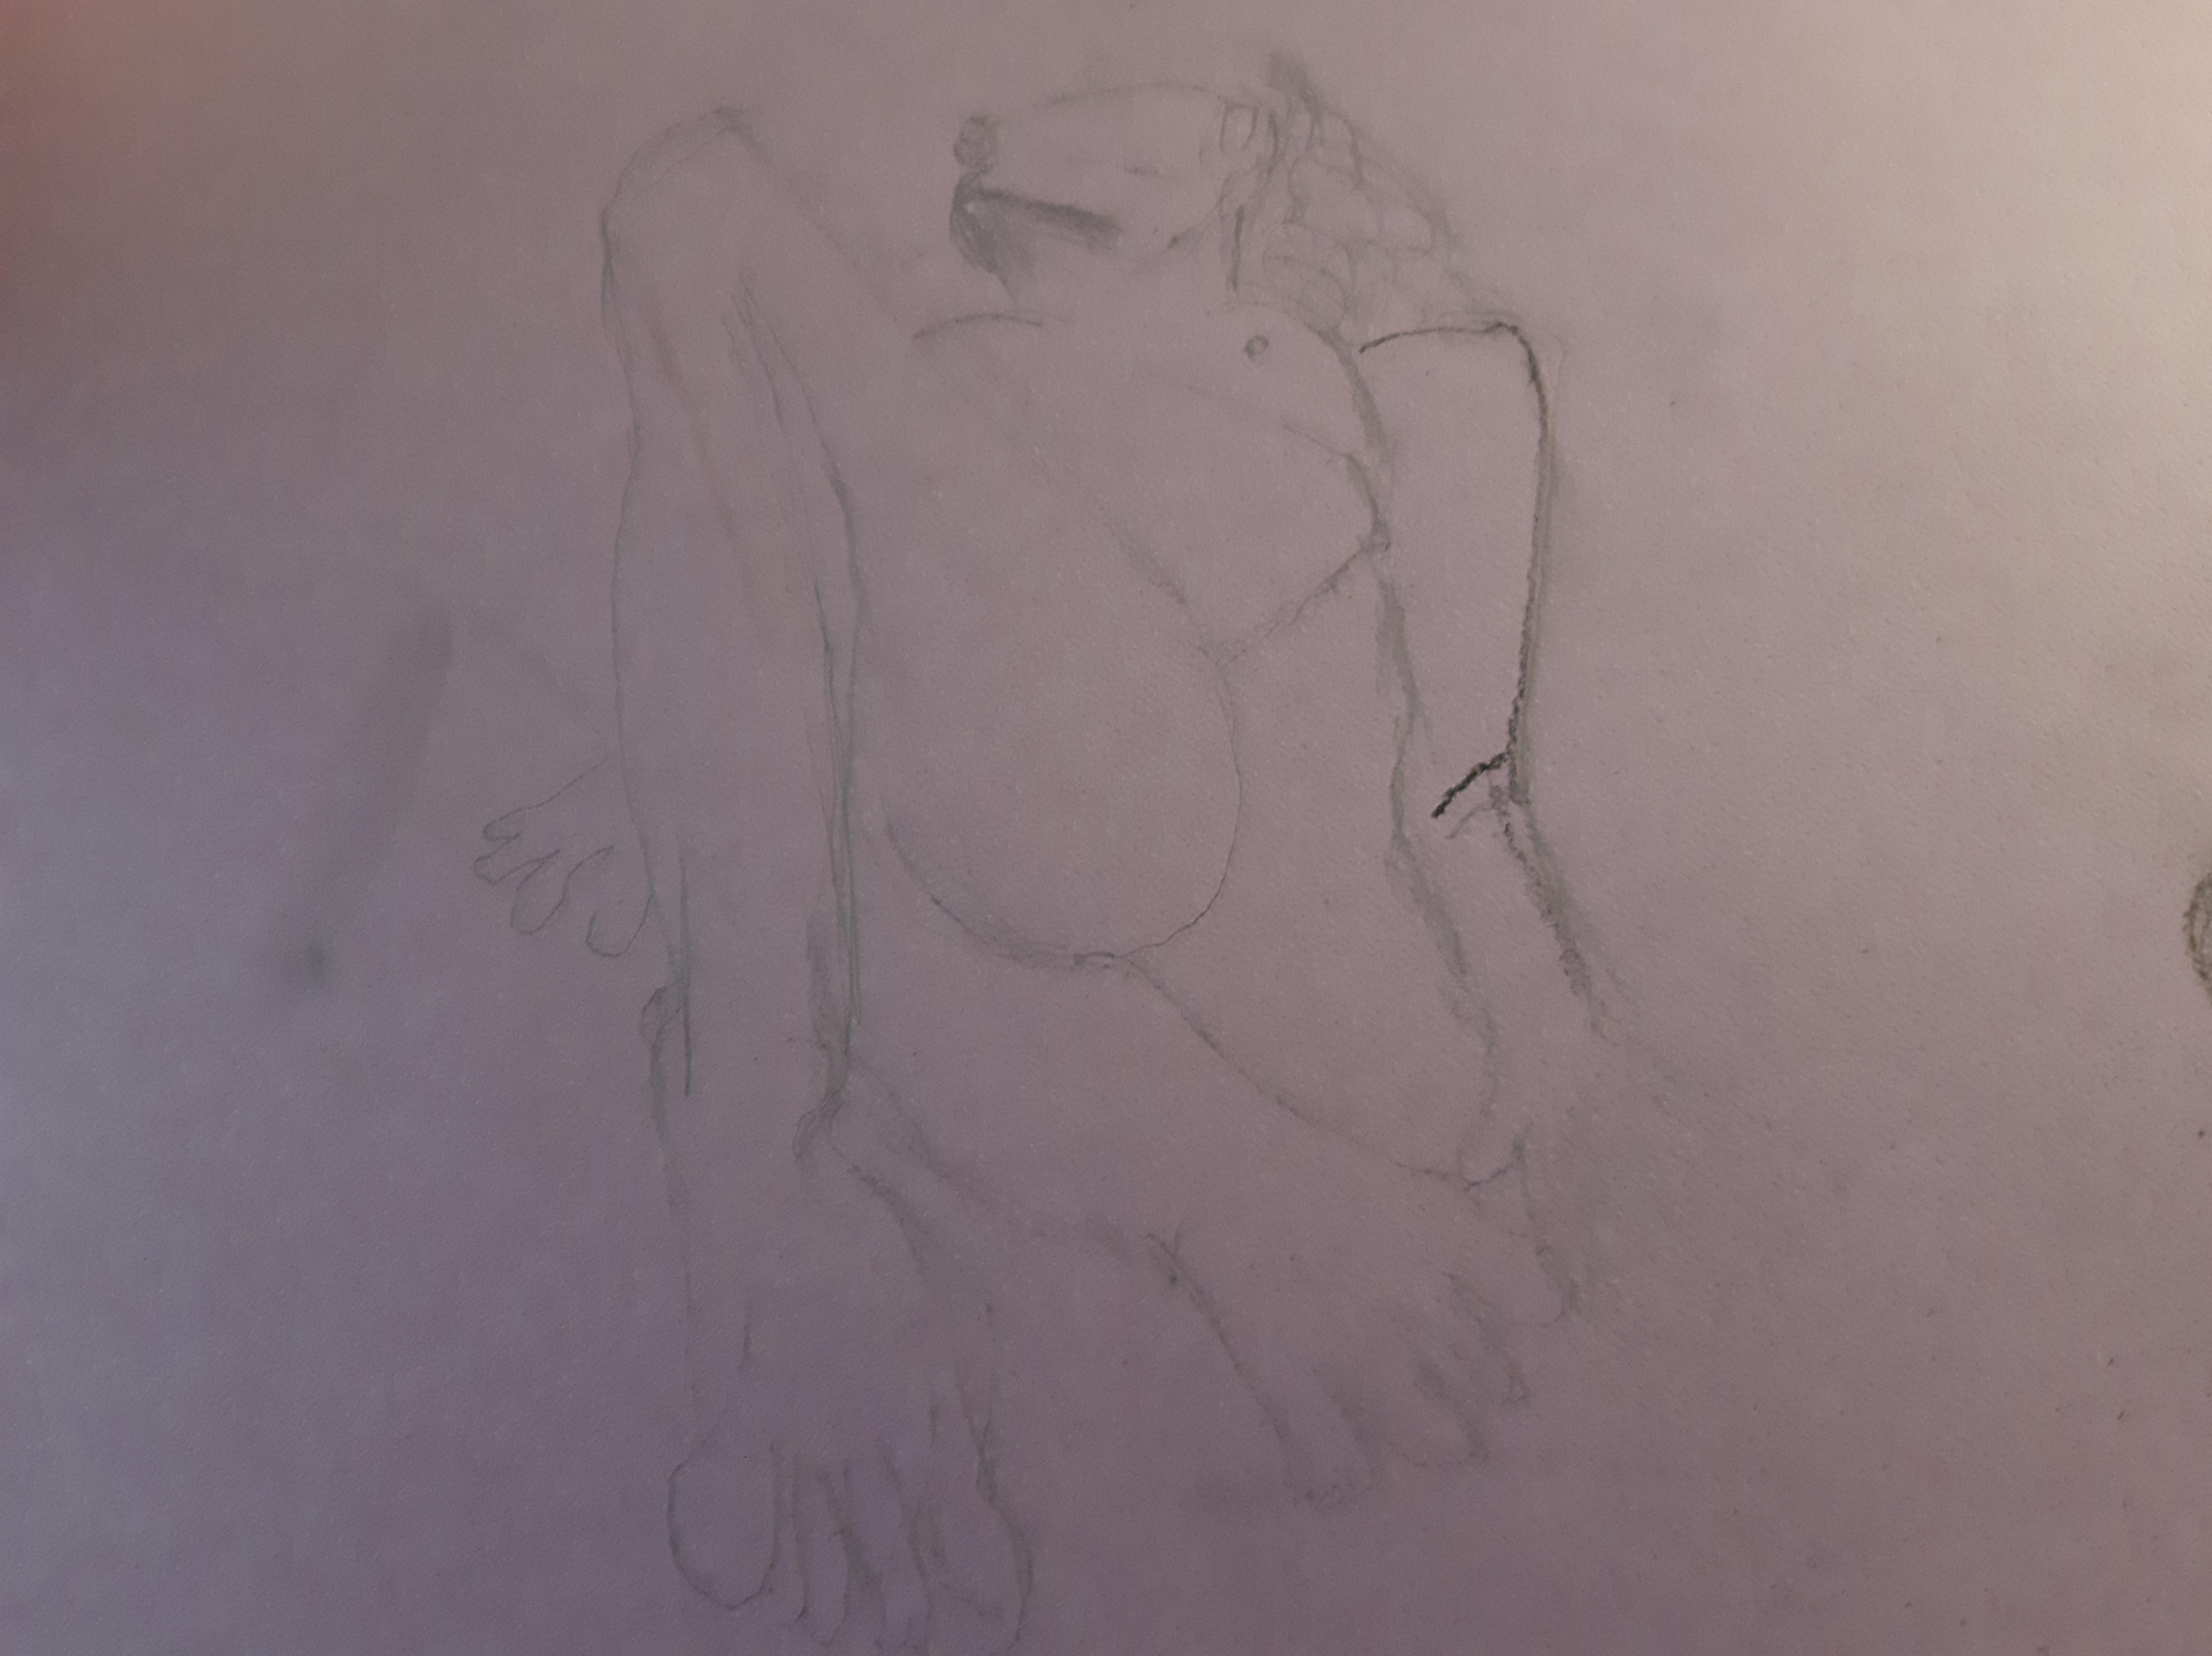 Esquisse raccourcie femme face crayon papier sur papier color�  cours de dessin